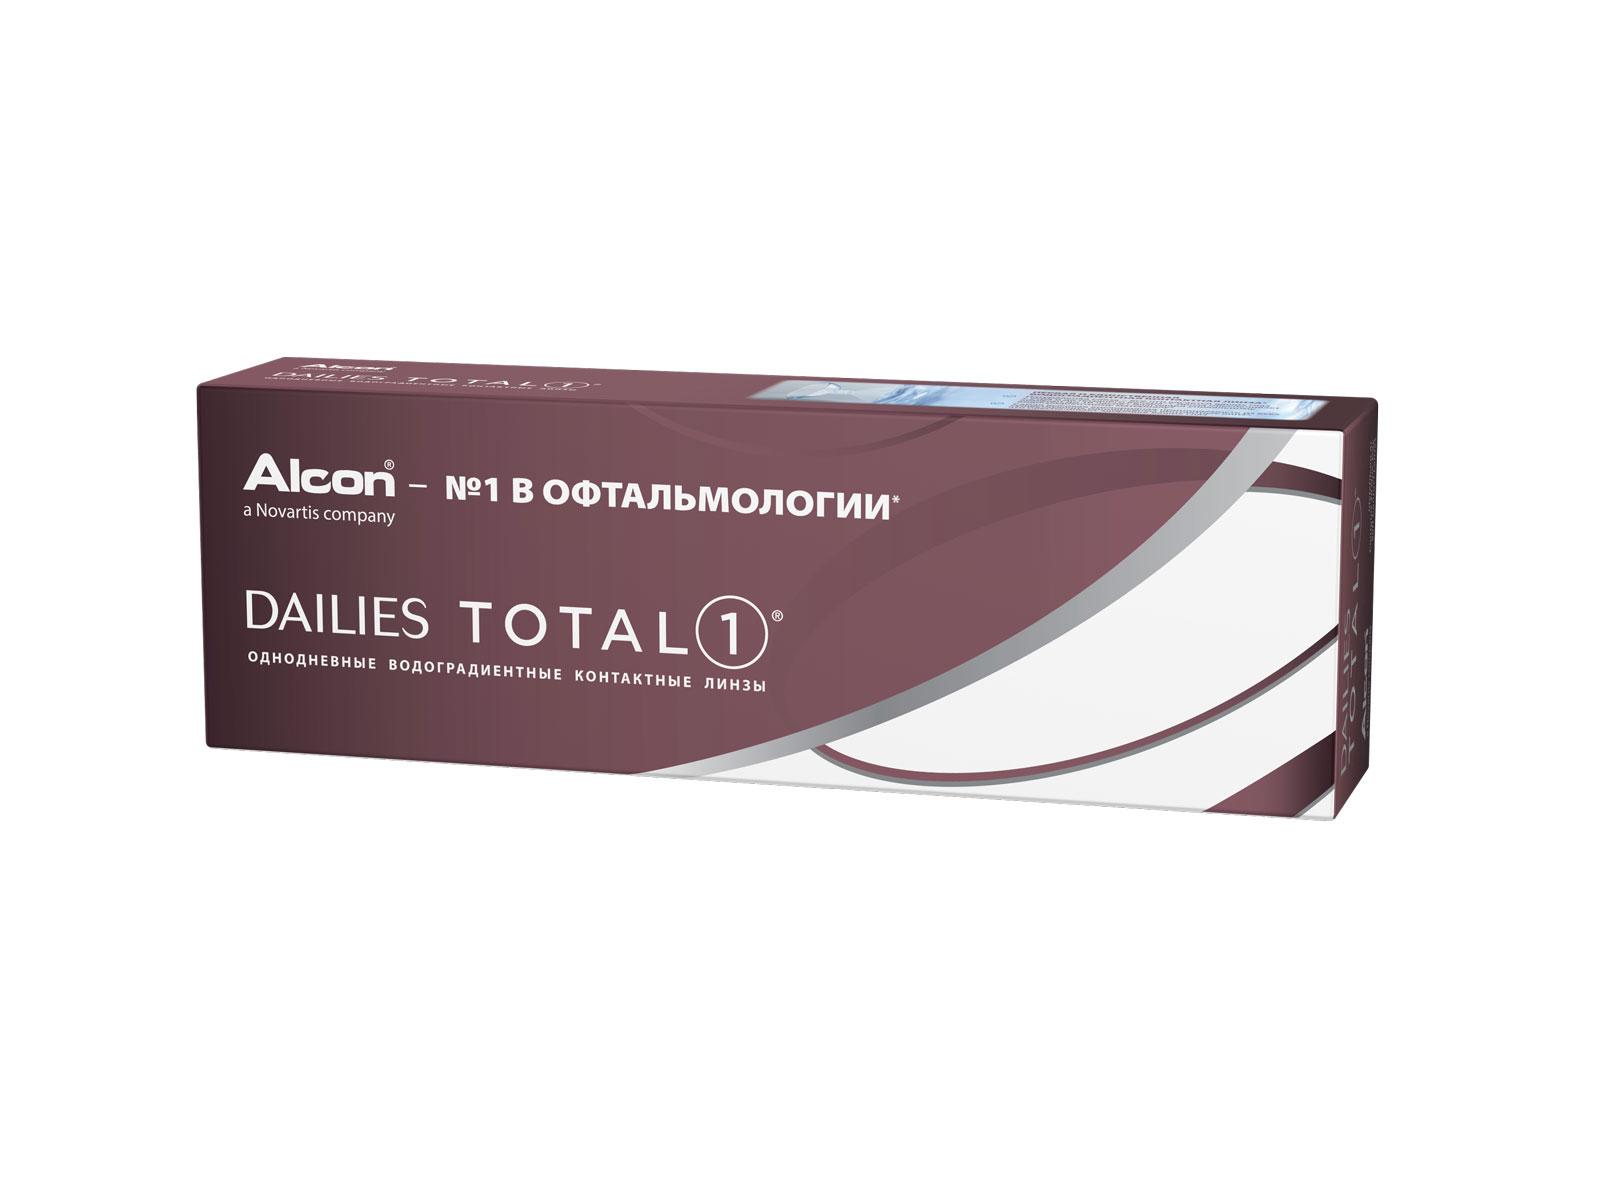 Alcon контактные линзы Dailies Total 1 30pk /+1.50 / 8.5 / 14.1100027142Dailies Total 1 – линзы, которые не чувствуешь с утра и до поздного вечера. Эти однодневные контактные линзы выполнены из уникального водоградиентного материала, багодаря которому натуральная слеза – это все, что касается ваших глаз. Почти 100% влаги на поверхности обеспечивают непревзойденный комфорт до 16 часов ношения.